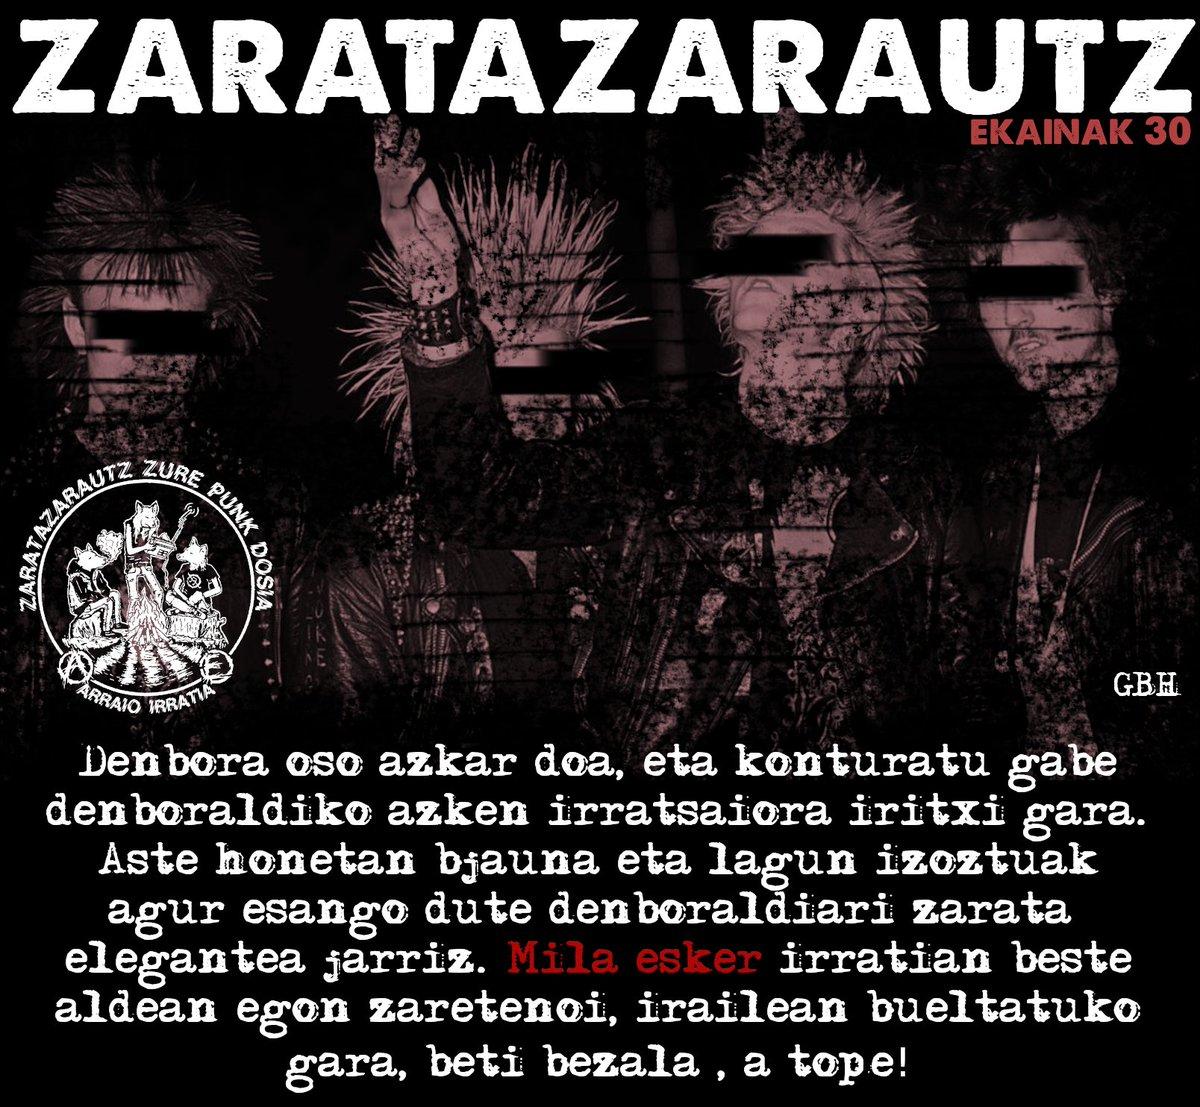 Denboraldiko azken irratsaioa dugu gaur #Zarautz @ArraioIrratia @arrosasarea https://t.co/cfe65IBPFs https://t.co/w1B4c3OhIM